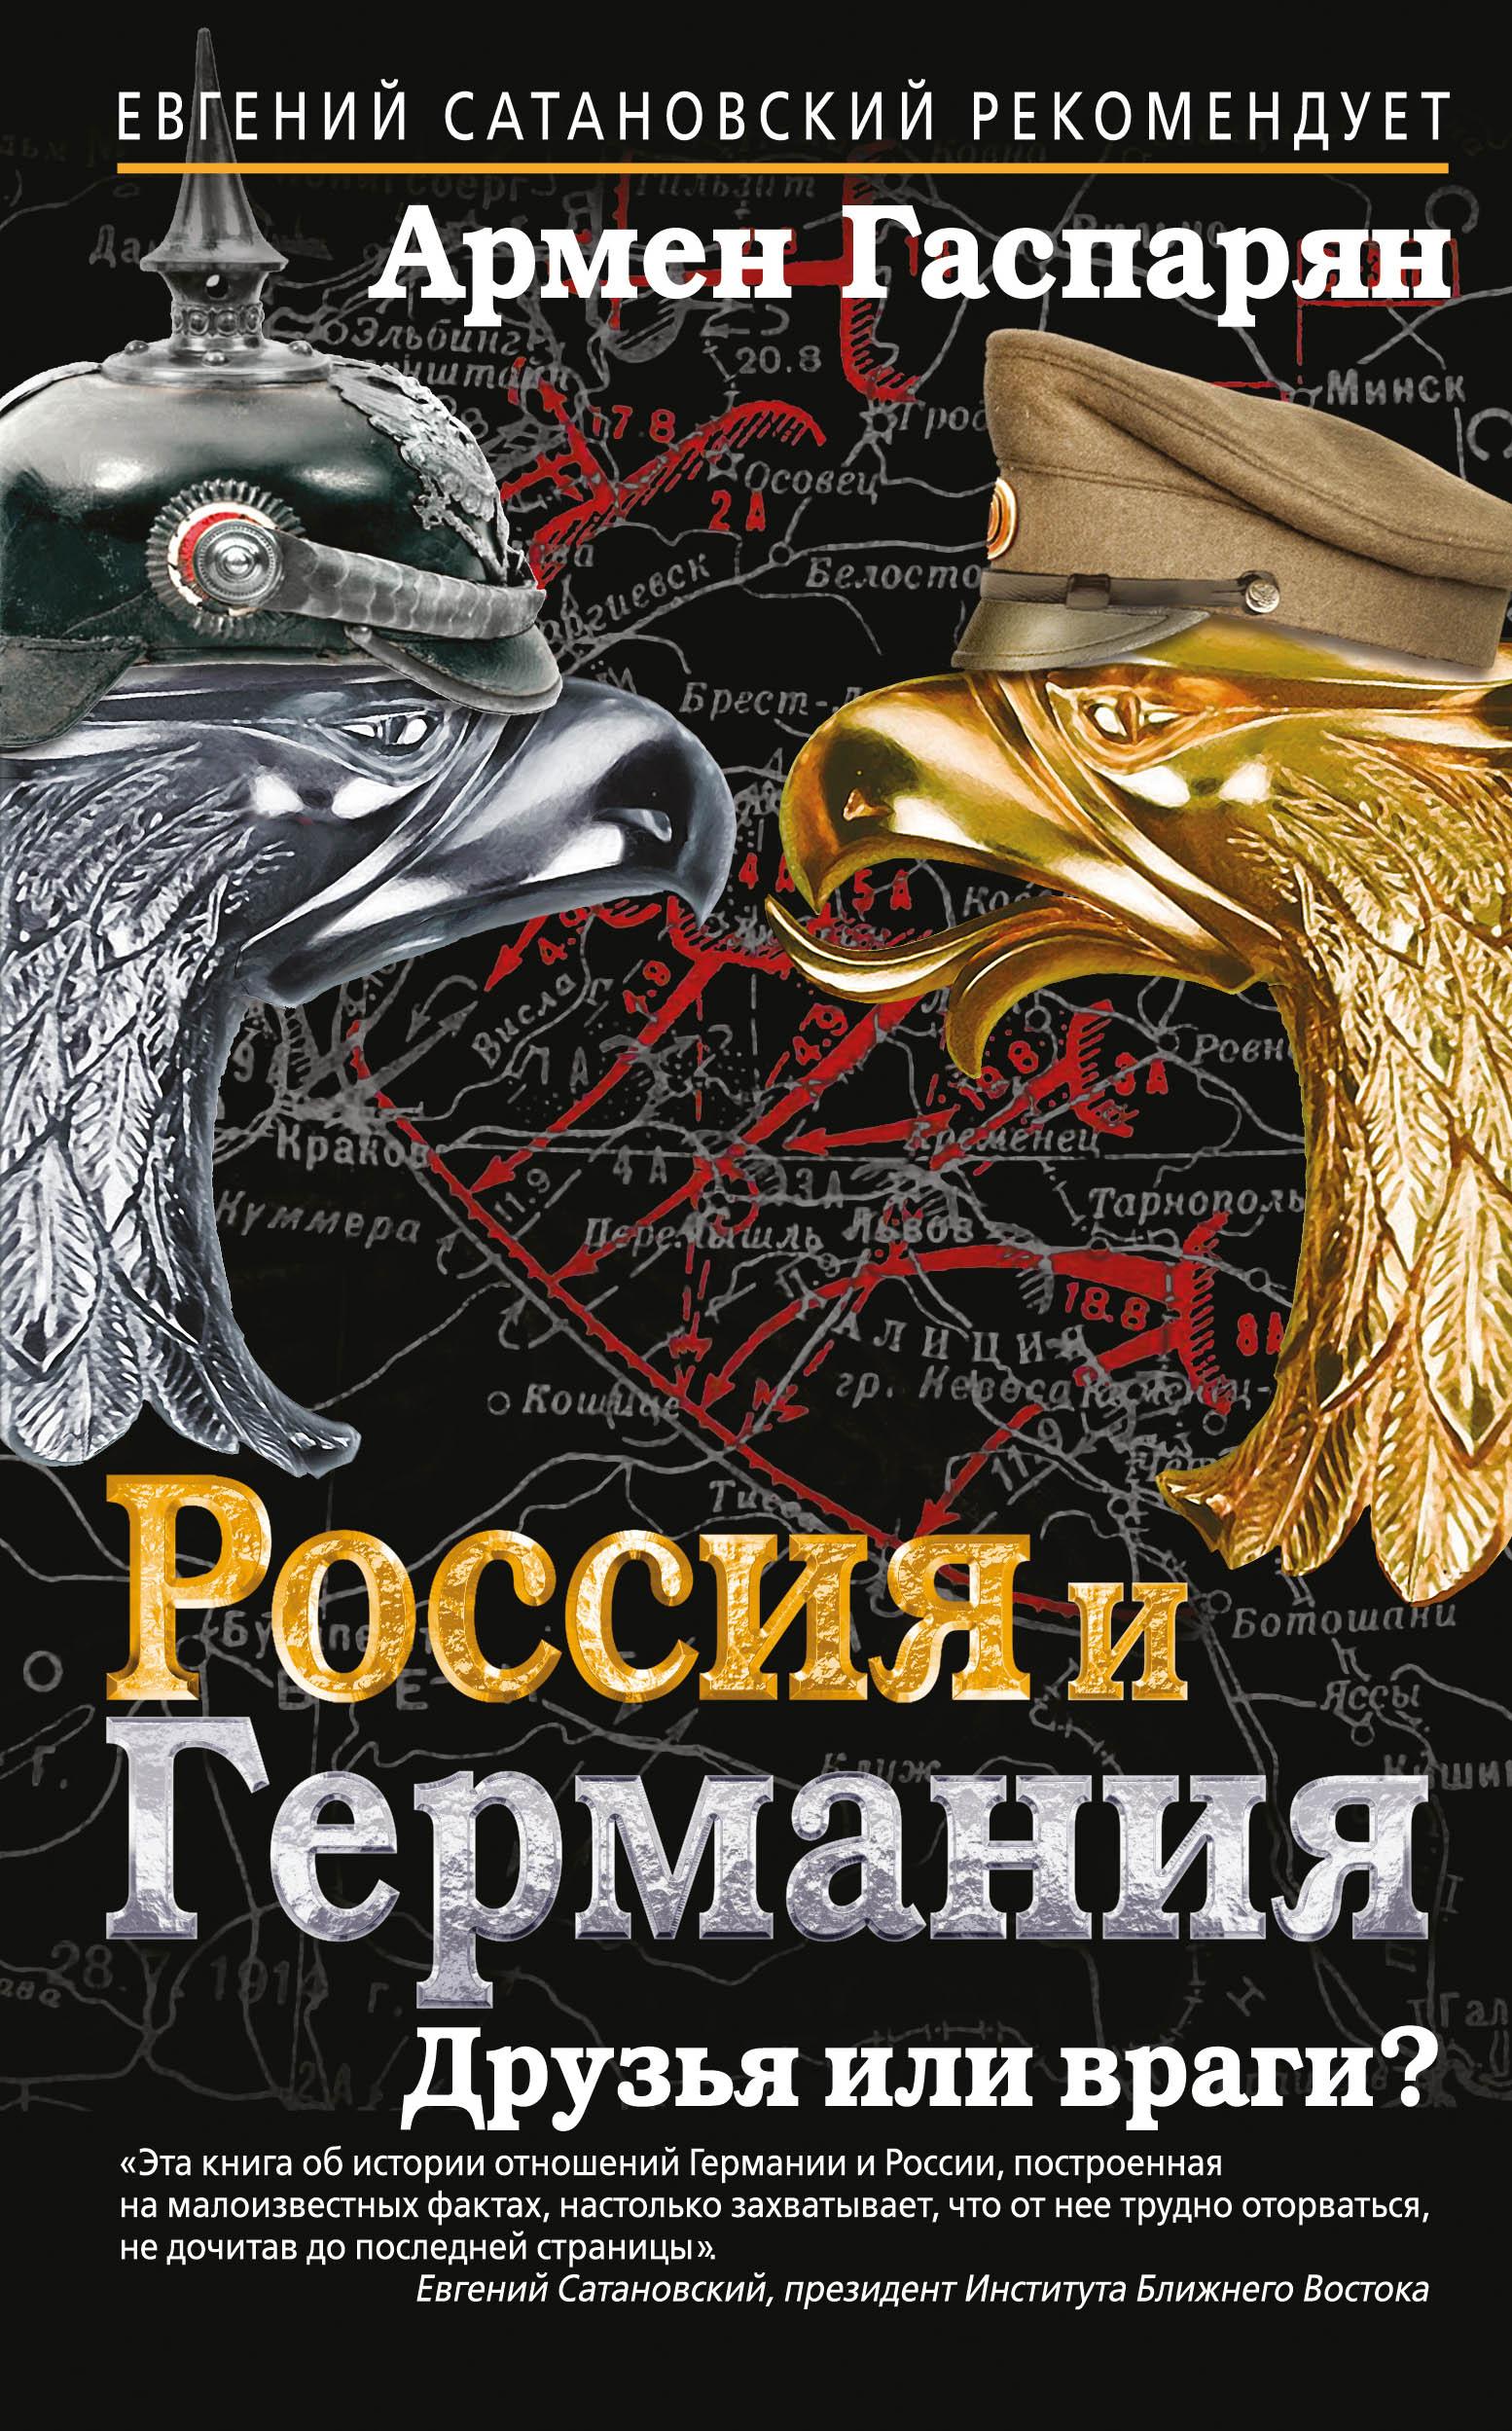 Гаспарян Армен Россия и Германия. Друзья или враги?